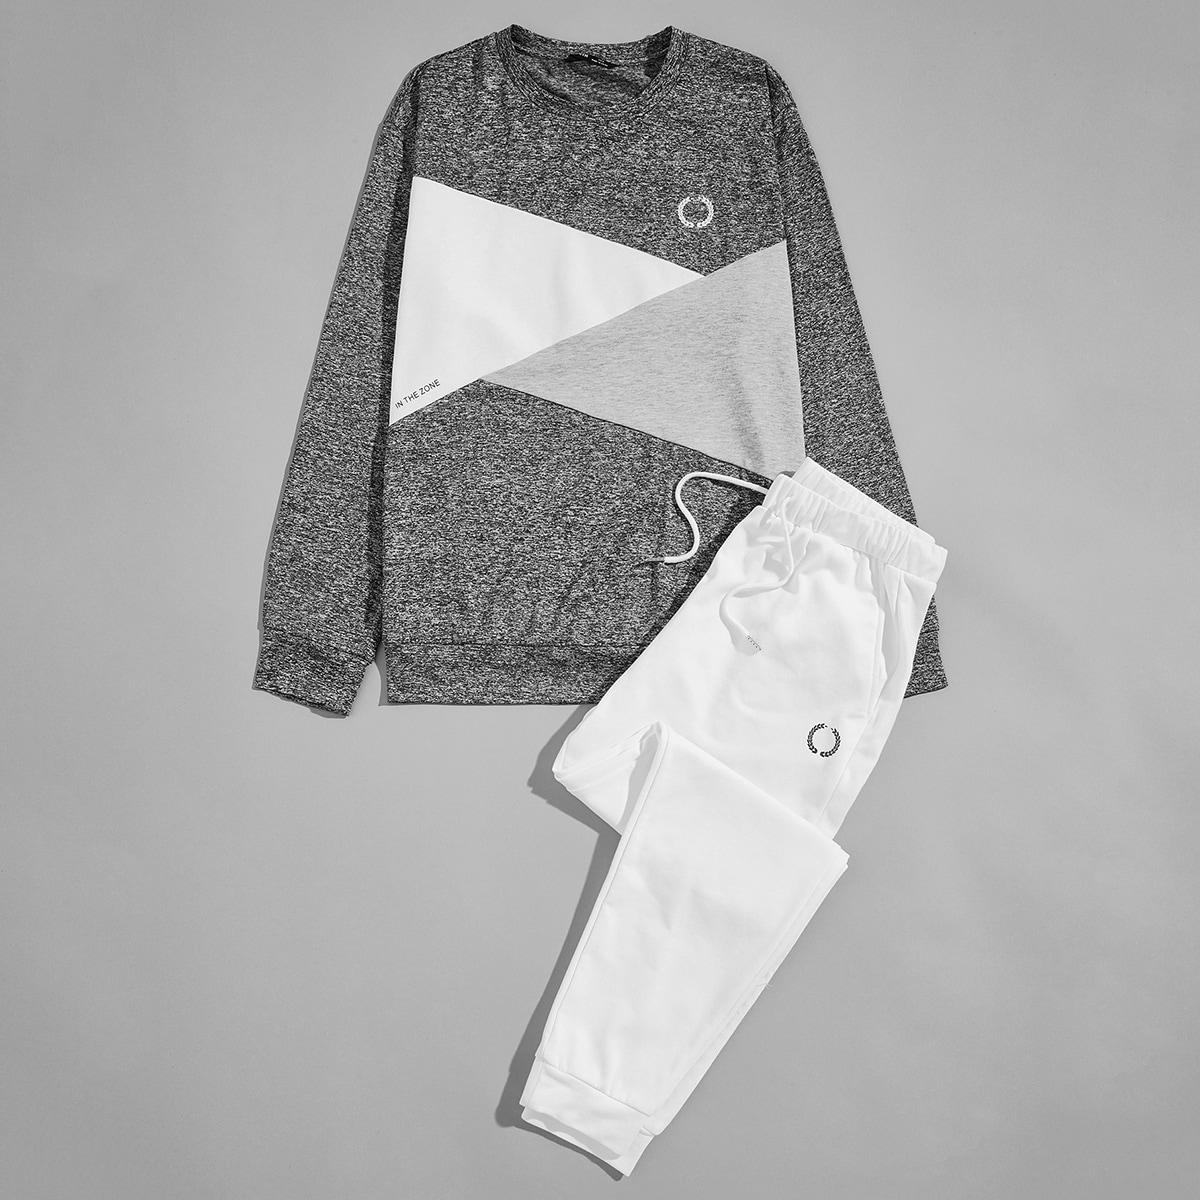 Мужские спортивные брюки и контрастный пуловер с геометрическим принтом